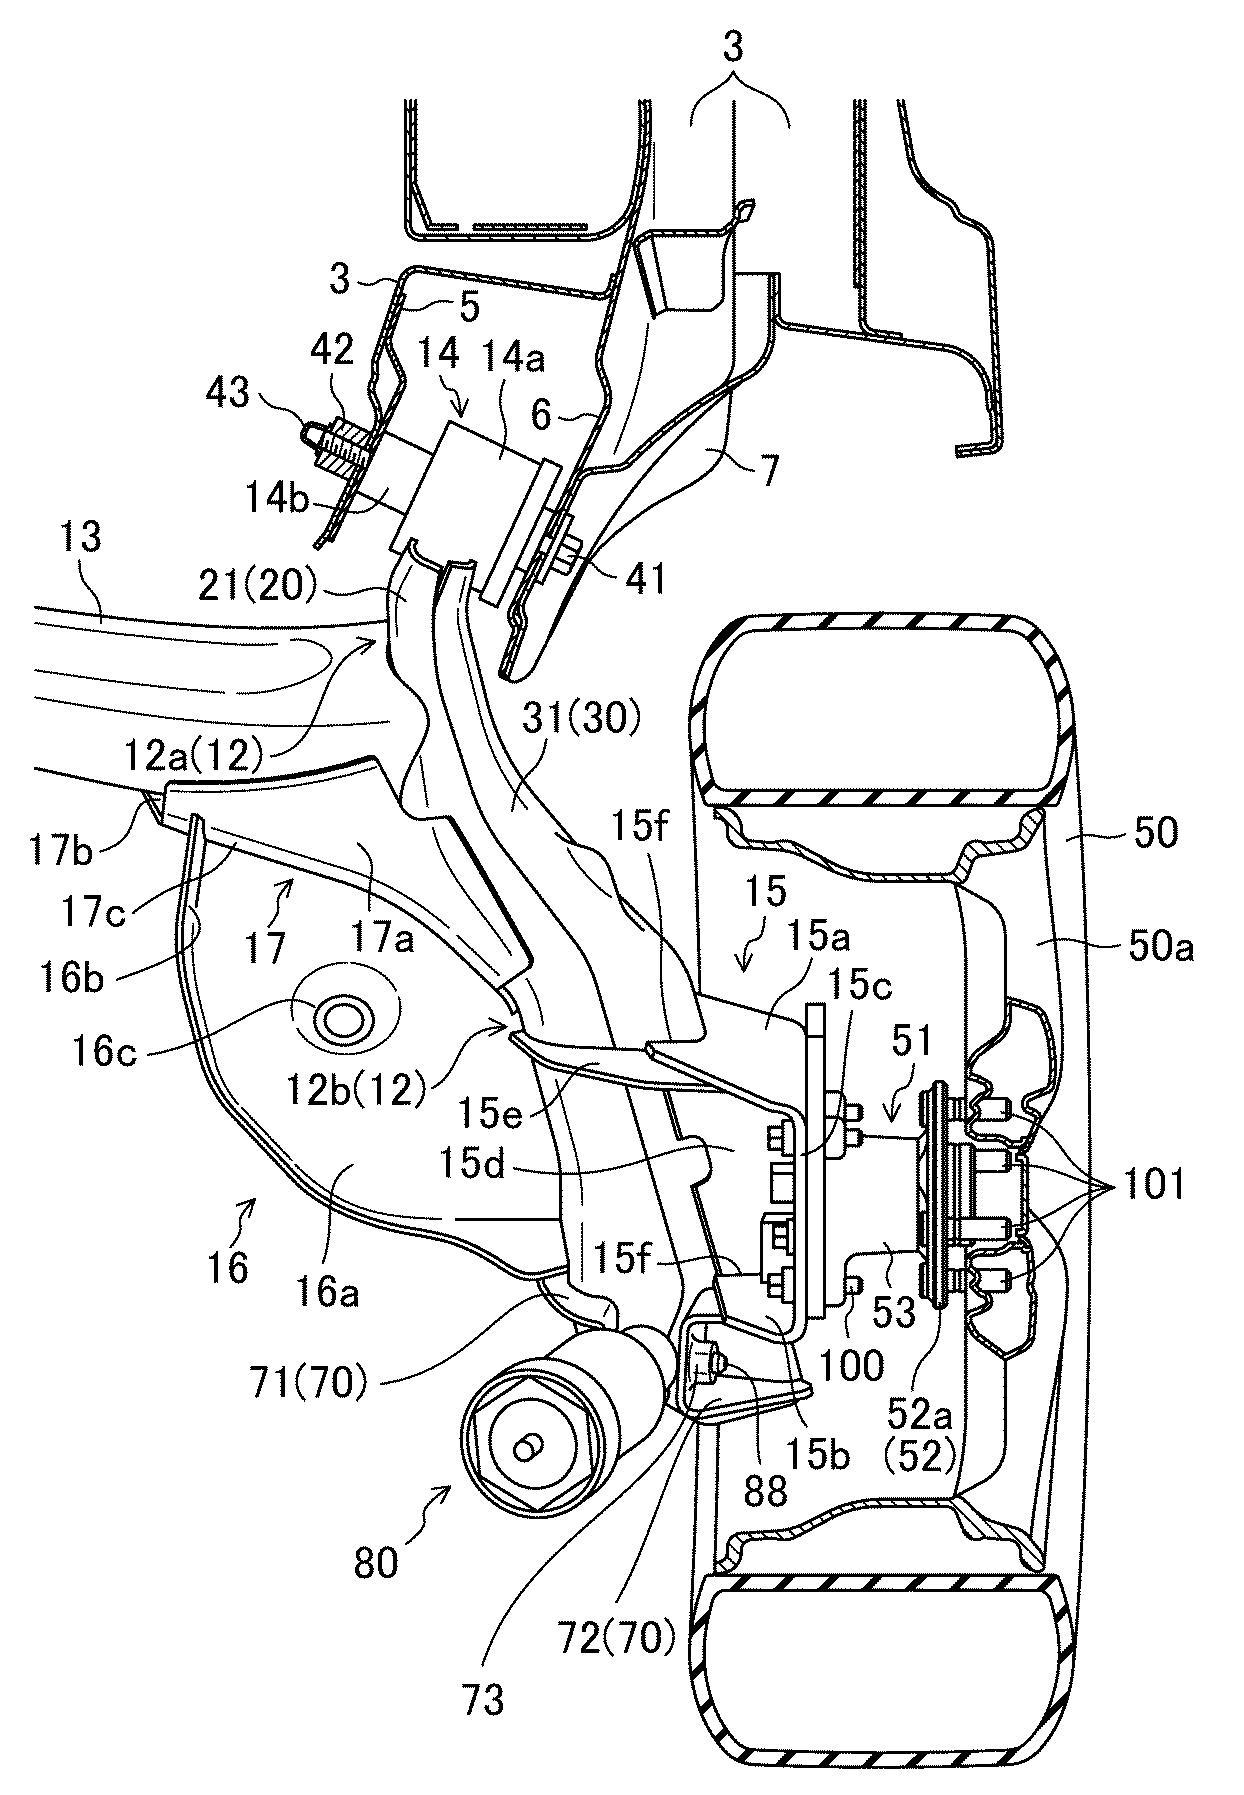 マツダ、トーションビーム式サスペンション構造で特許取得